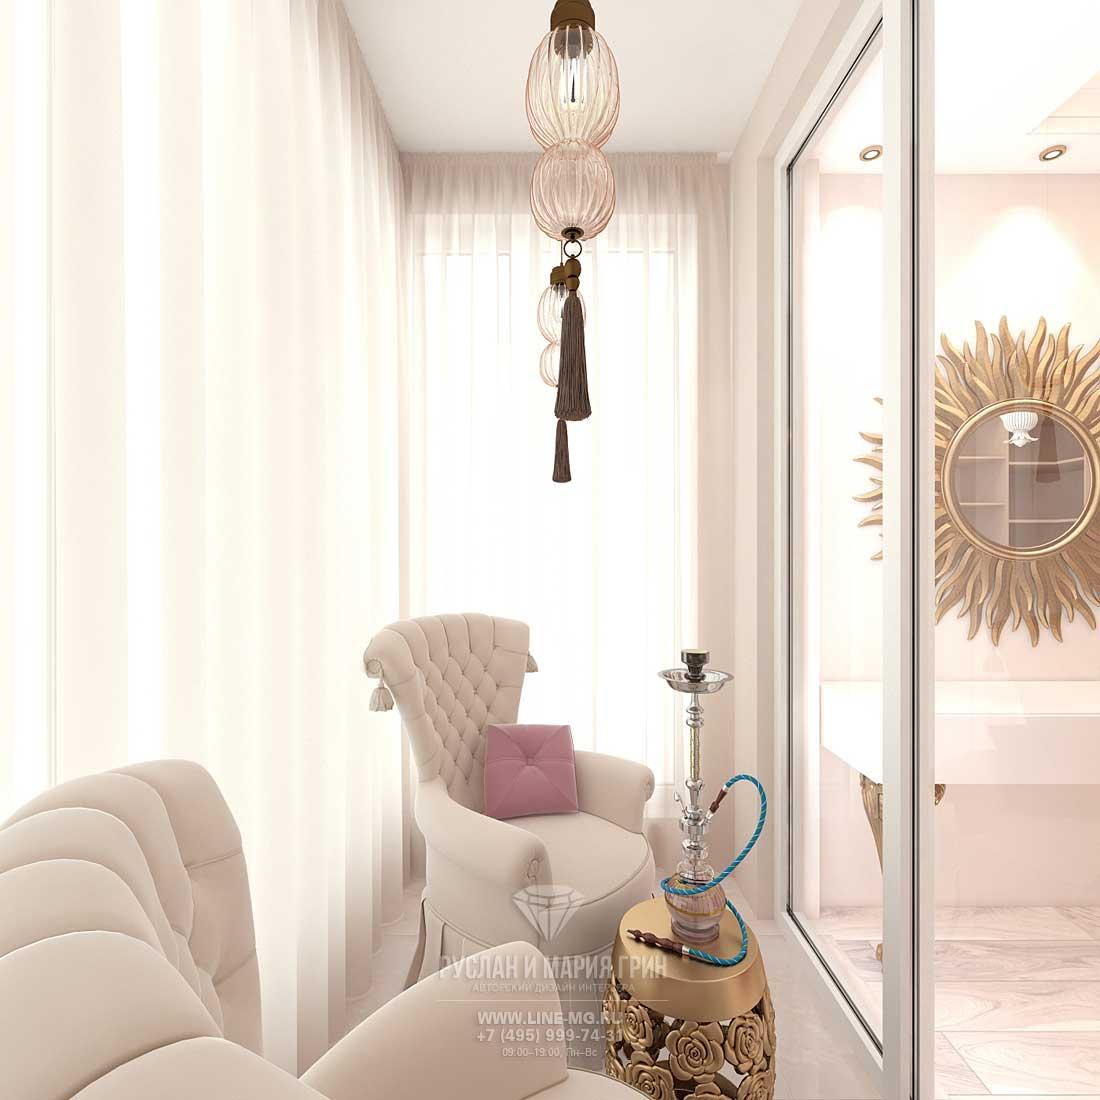 Дизайн балкона с кальяном: фото